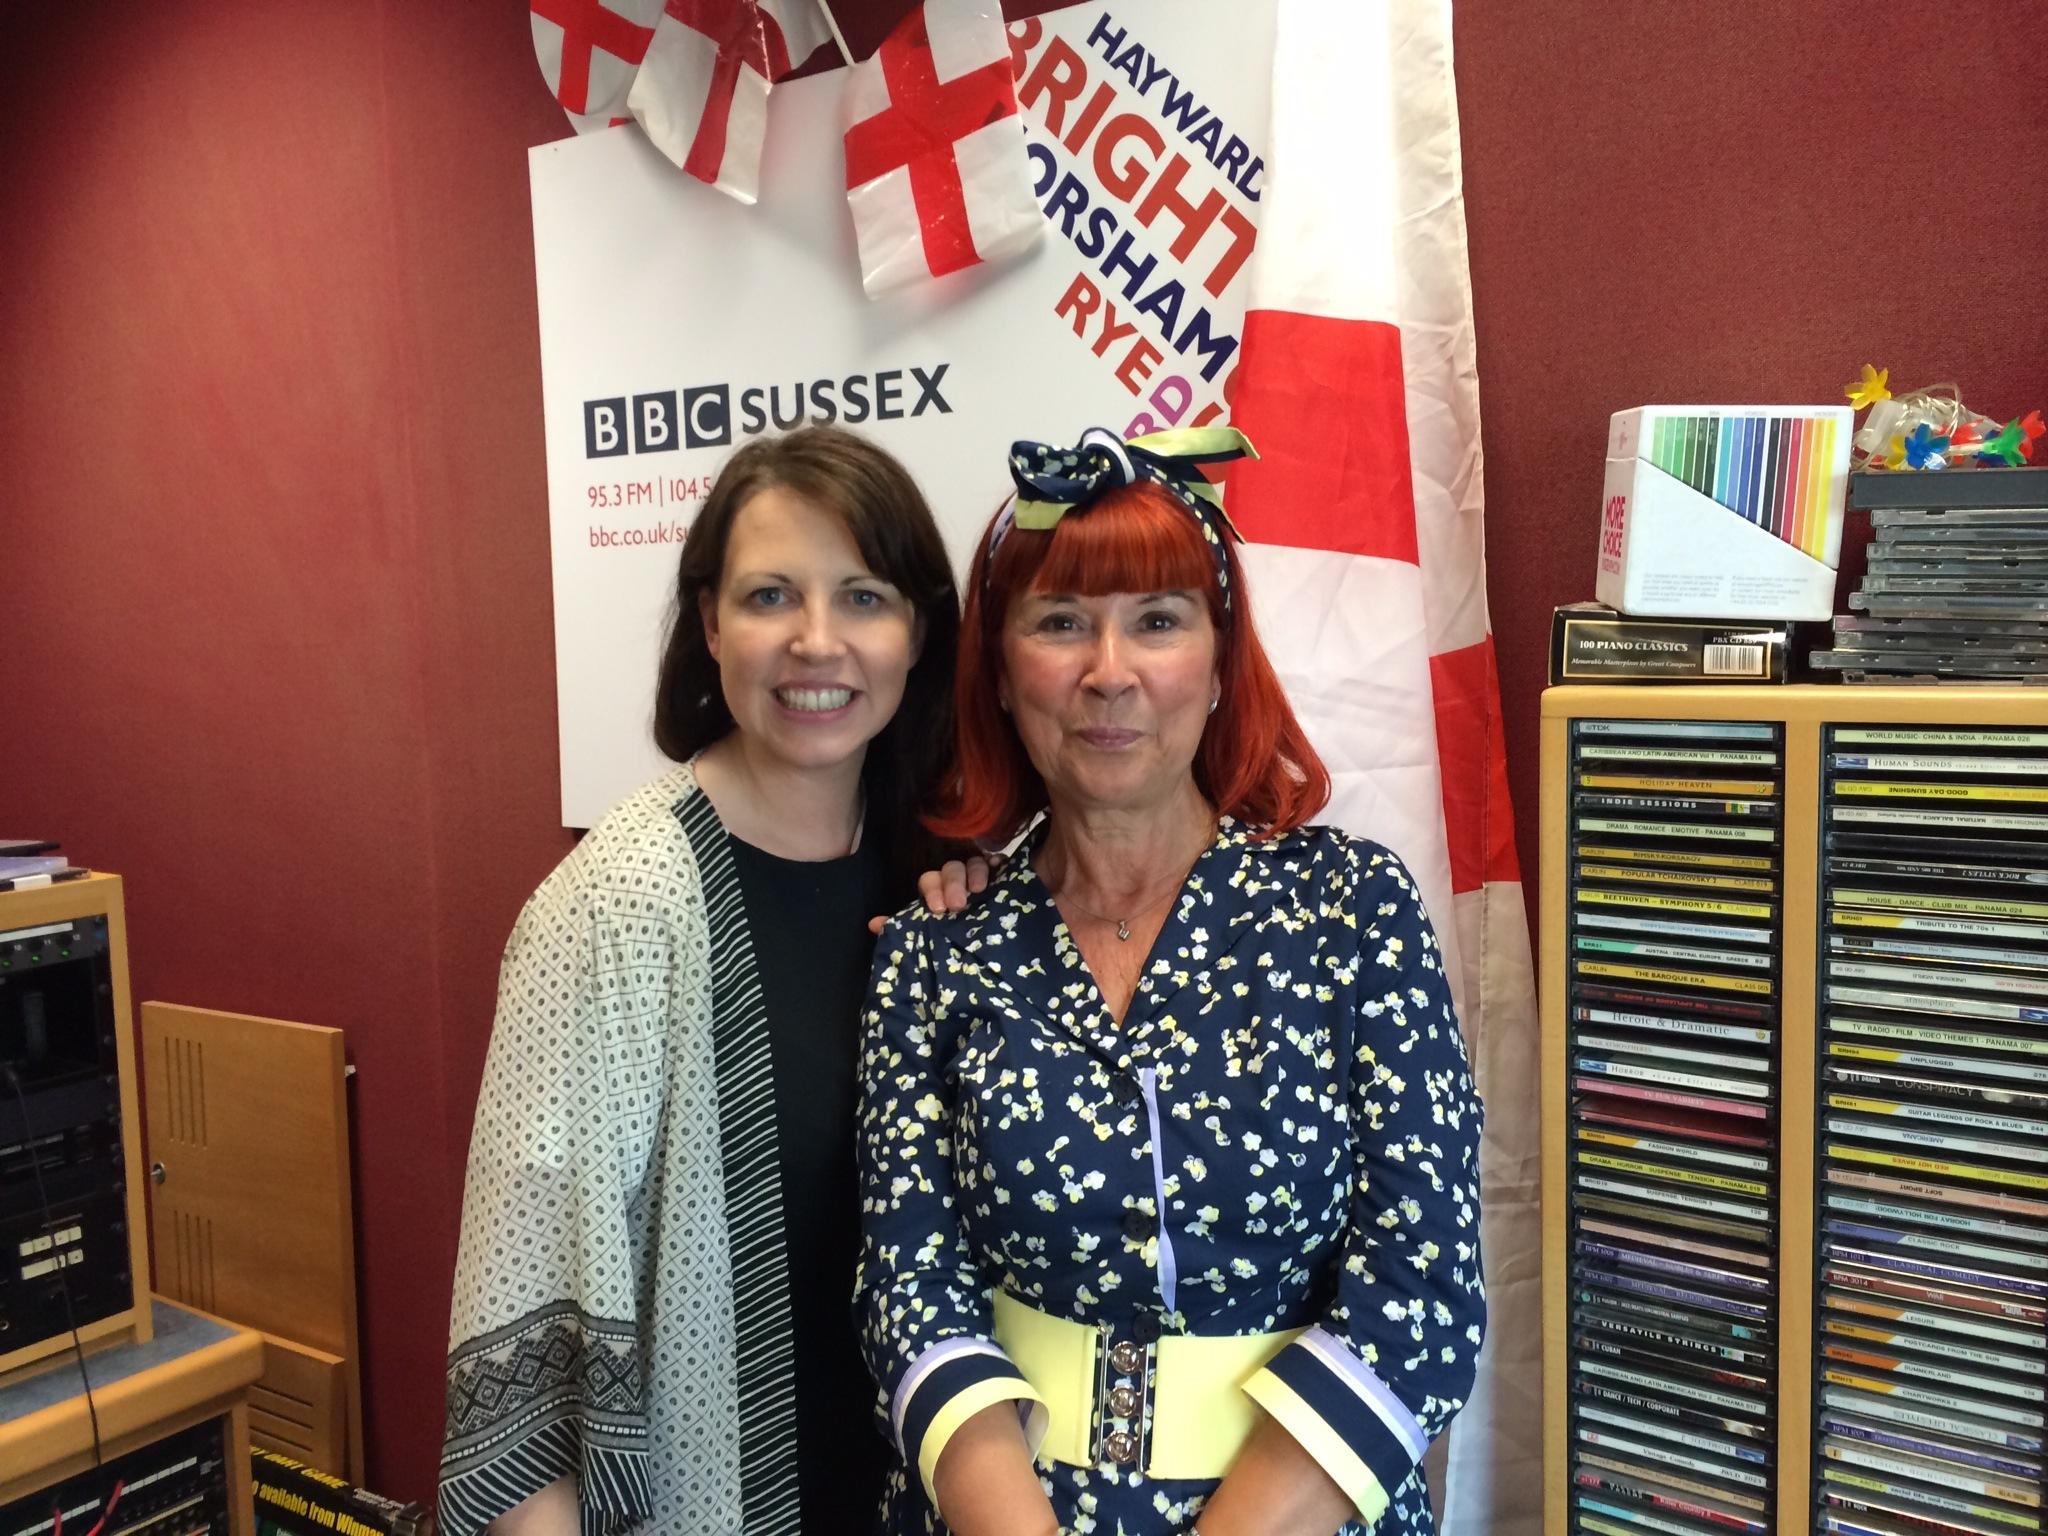 Allison Ferns, BBC Sussex